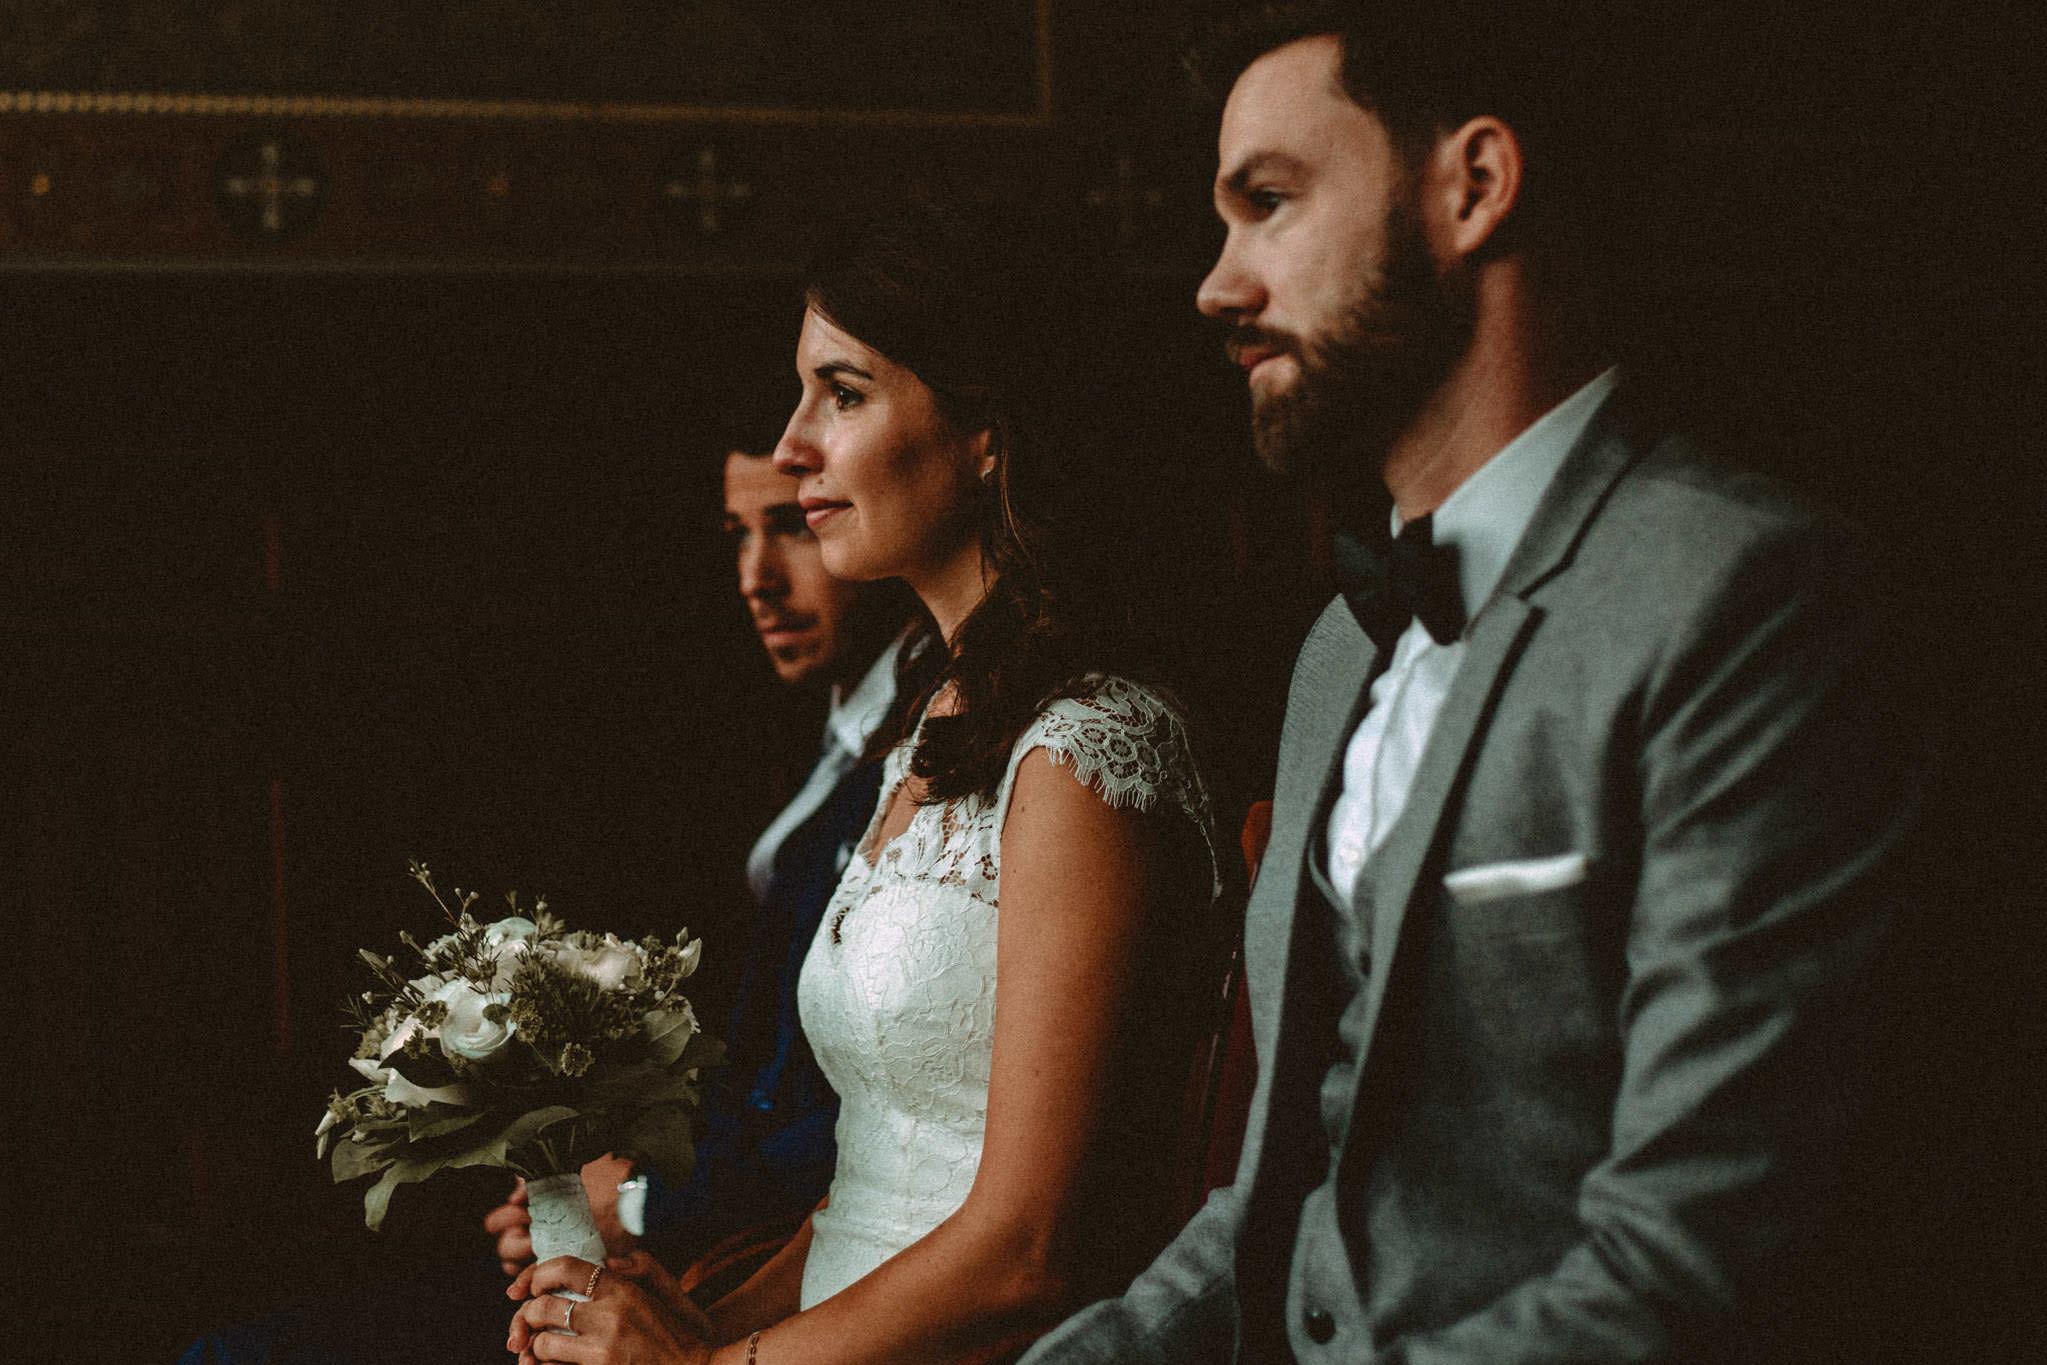 Hochzeit_in_Fabrik23_nhow_6984-2